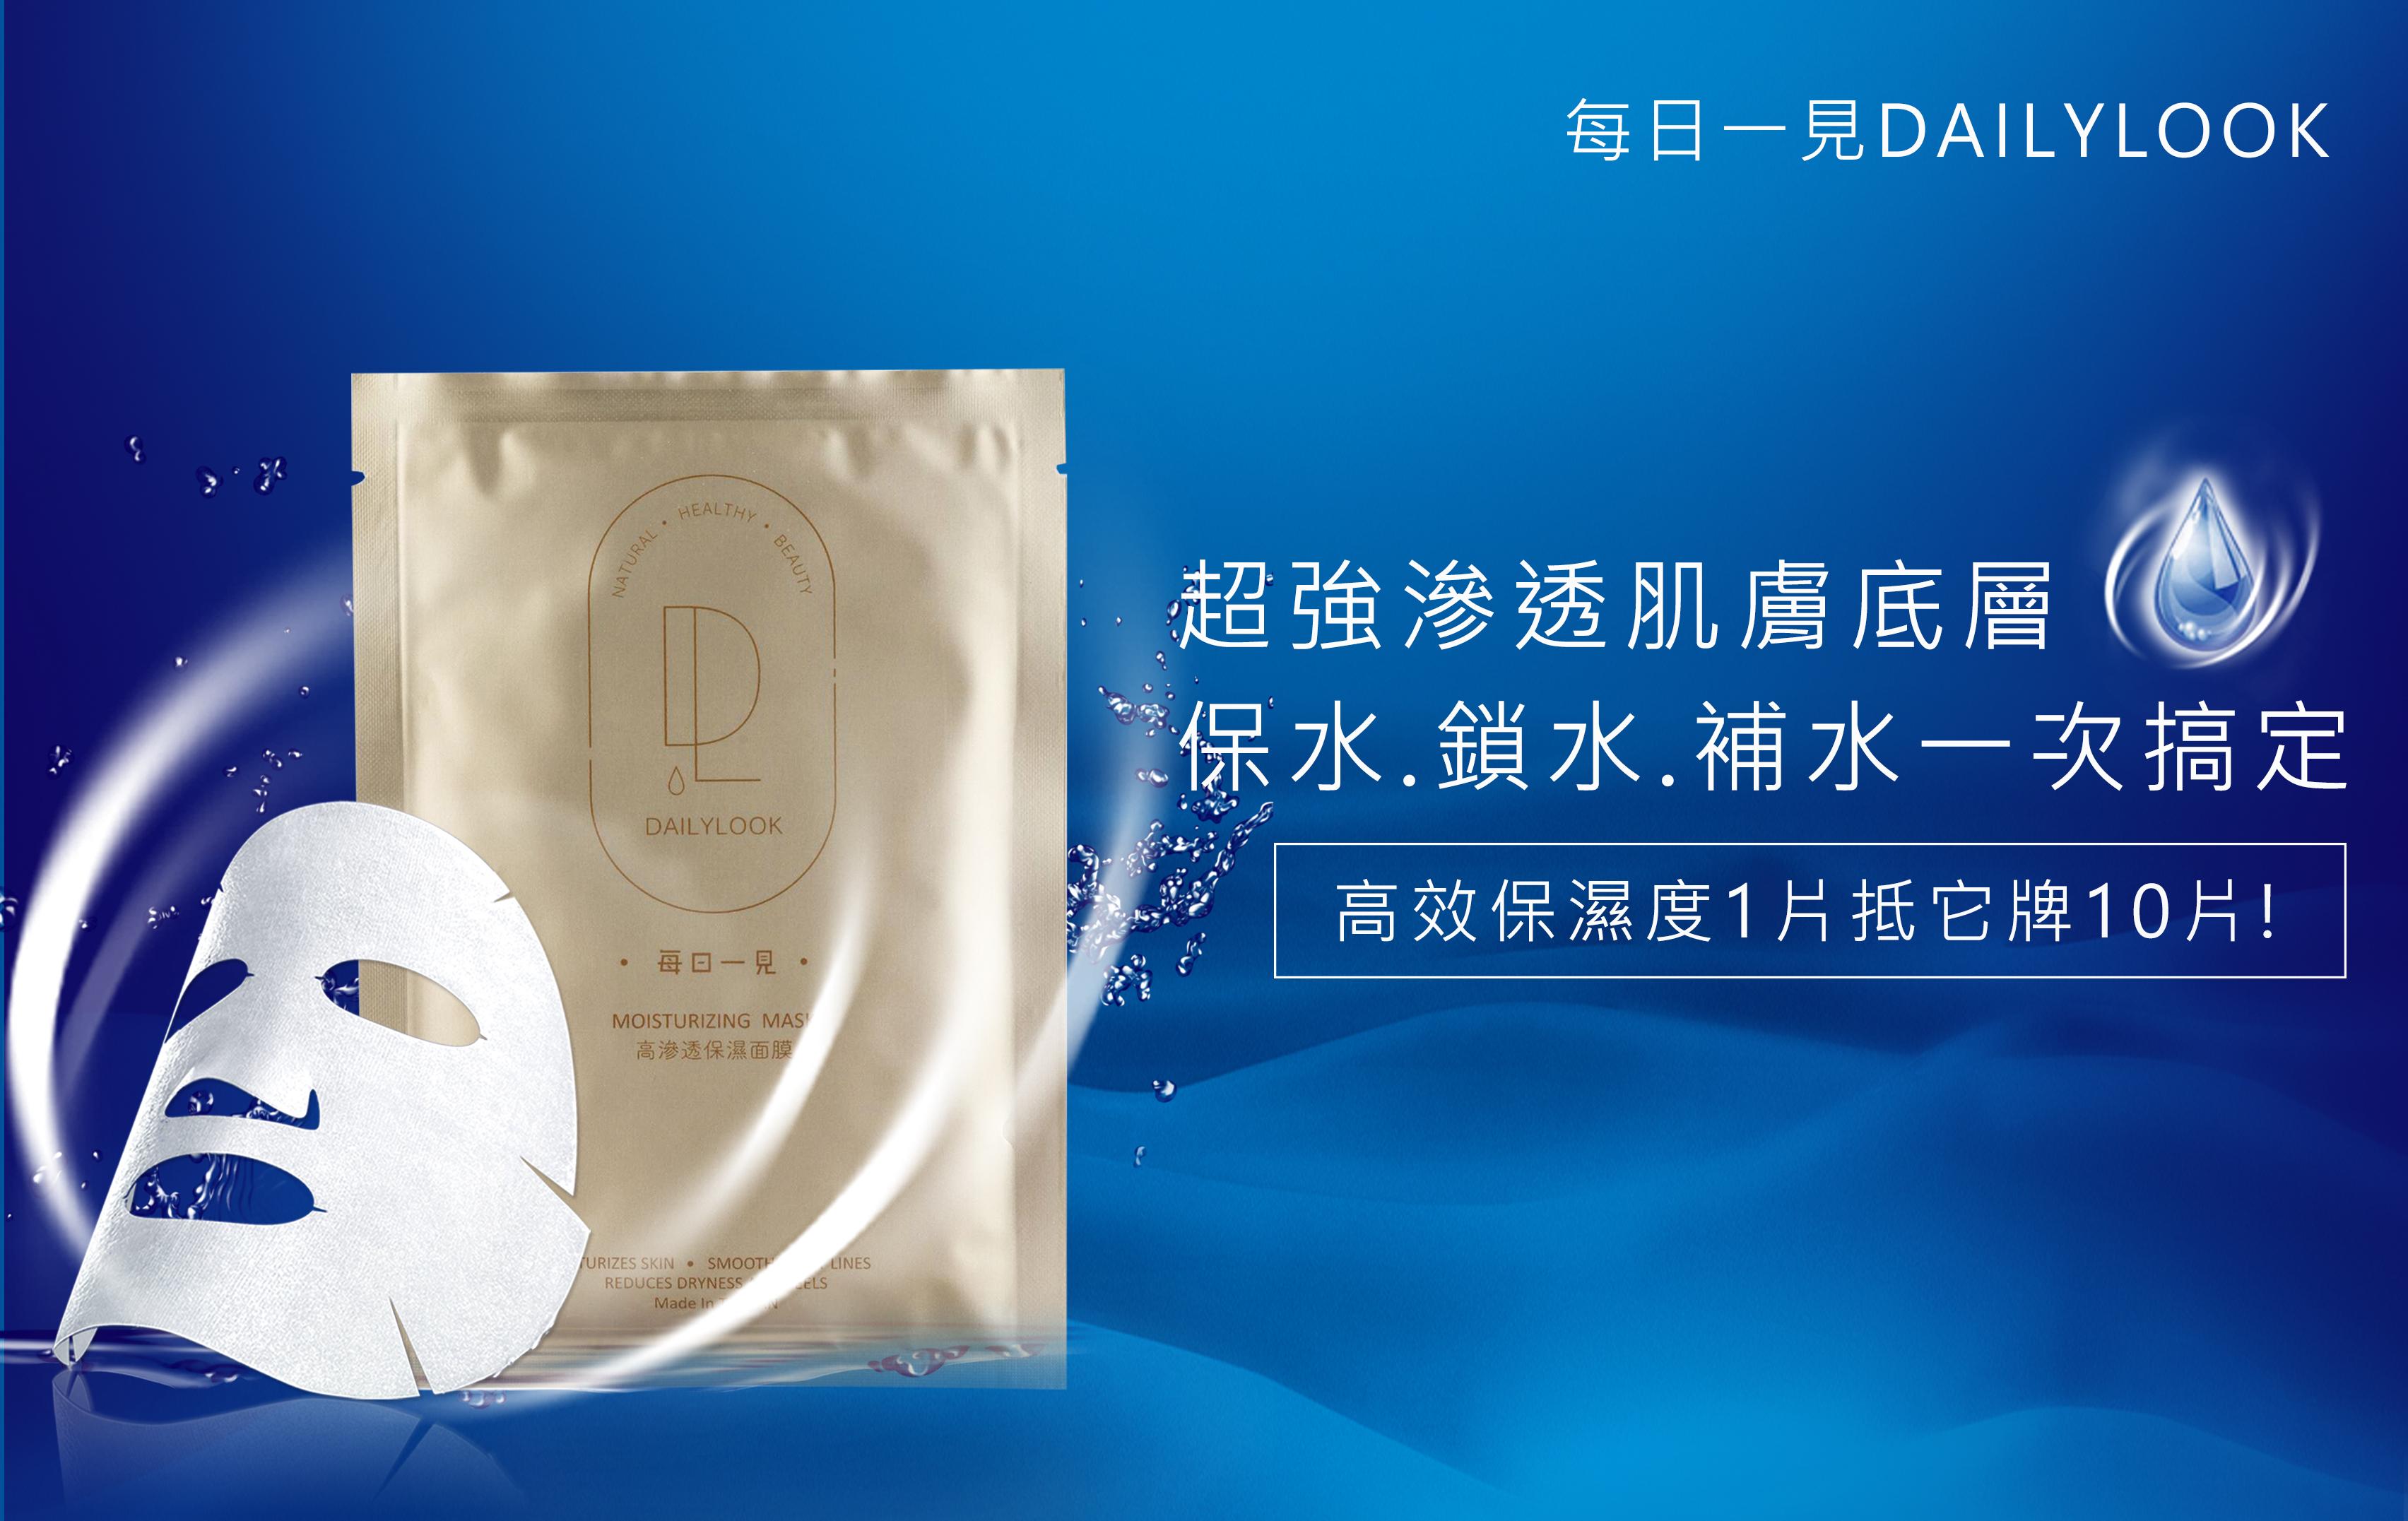 YAHOO尺寸-高滲透保濕面膜備用圖